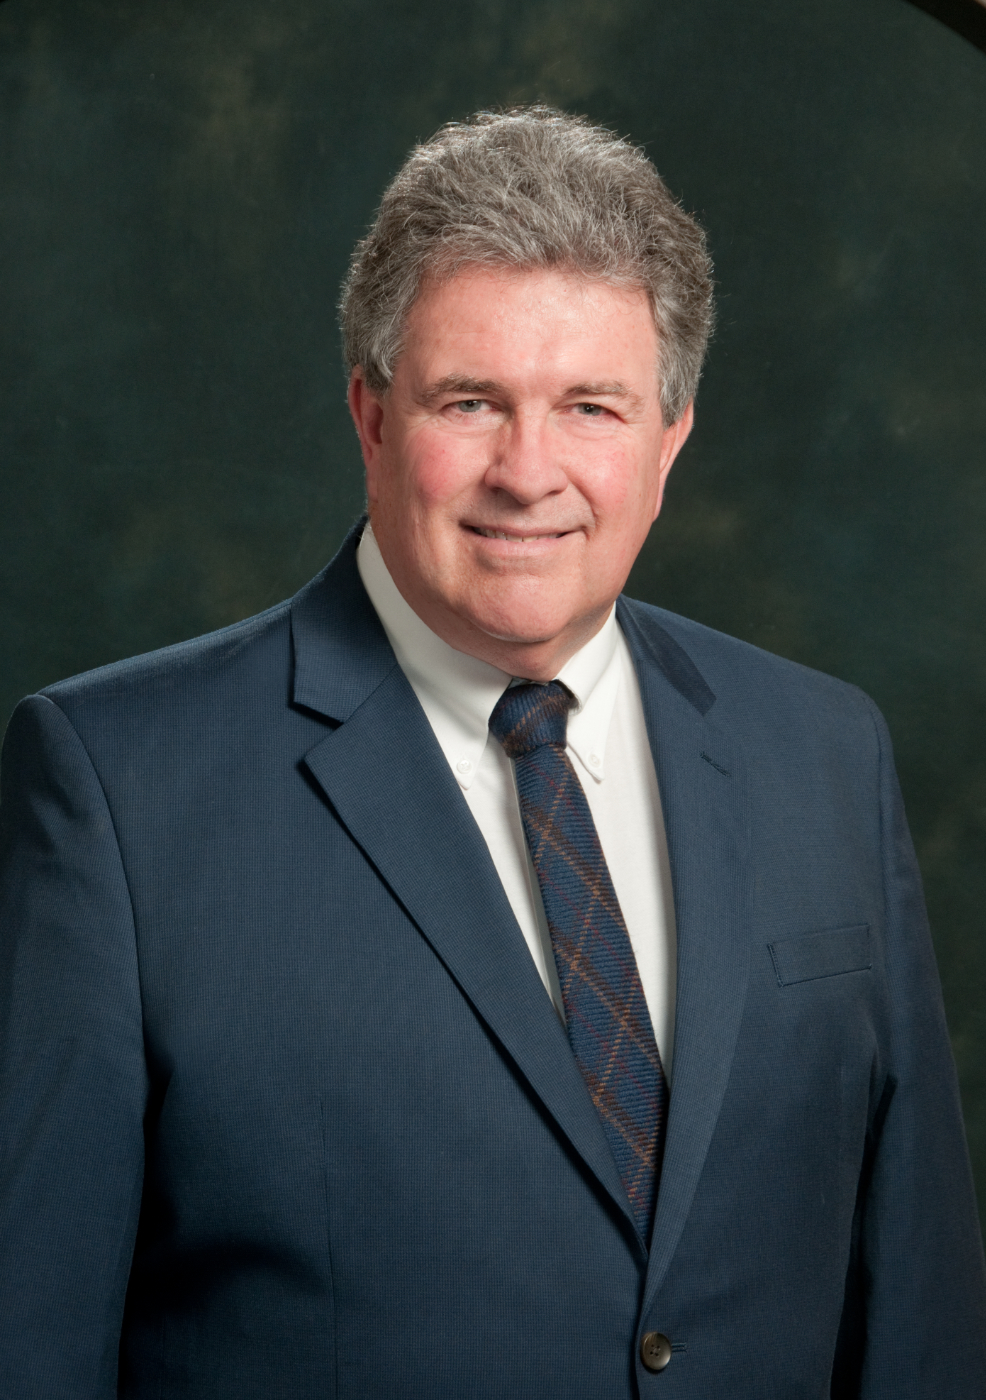 Jim-Headshot-Portrait.jpg